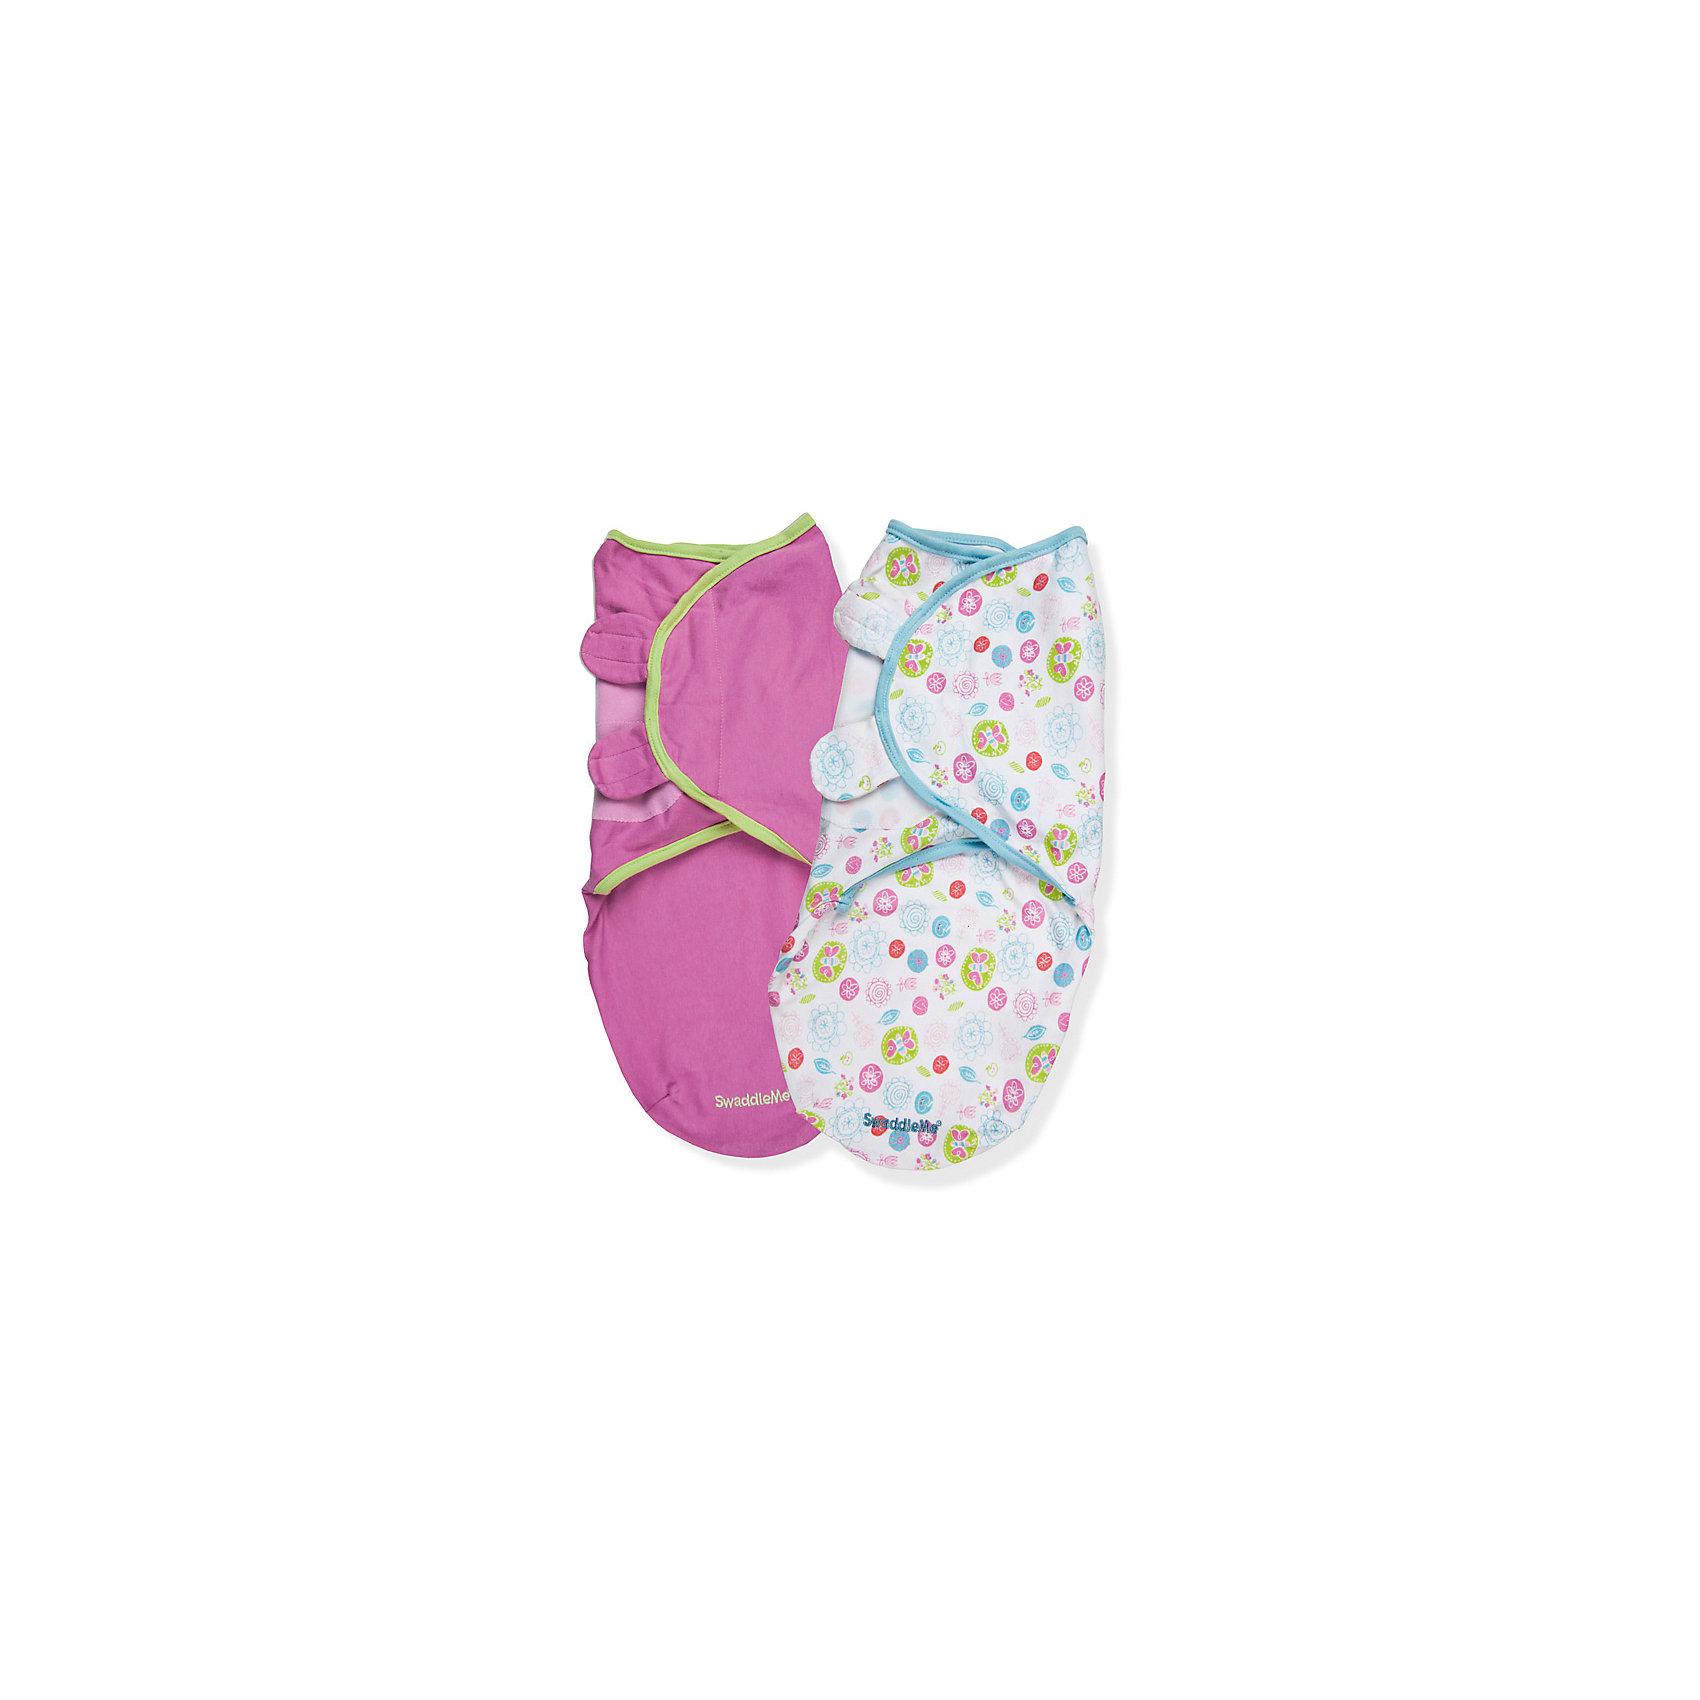 Конверт для пеленания SWADDLEME, р-р S/M, 3-6 кг, 2 шт., фантазияКонверт для пеленания Summer Infant.<br>Пеленание успокаивает новорожденных путем воссоздания знакомых ему чувств, как в утробе мамы. <br>Мягко облегая, конверт не ограничивает движение ребенка, и в тоже время помогает снизить рефлекс внезапного вздрагивания, благодаря этому сон малыша и родителей будет более крепким.<br>Регулируемые крылья для закрытия конверта сделаны таким образом, что даже самый активный ребенок не сможет распеленаться во время сна.<br>Объятия крыльев регулируются по мере роста ребенка.<br>Конверт можно открыть в области ног малыша для легкой смены подгузников - нет необходимости разворачивать детские ручки.<br>Рисунок в виде лепестков подходит для малышей обоих полов.<br><br>В комплекте: 2 шт.<br>Размер: S/M, 3-6 кг.<br>Длина конверта: 50-56 см.<br>Материал: 100% хлопок.<br><br>Конверт для пеленания SwaddleMe, S/M, 3-6 кг, 2 шт. можно купить в нашем интернет-магазине.<br><br>Ширина мм: 40<br>Глубина мм: 150<br>Высота мм: 220<br>Вес г: 285<br>Возраст от месяцев: 0<br>Возраст до месяцев: 3<br>Пол: Унисекс<br>Возраст: Детский<br>SKU: 3361786